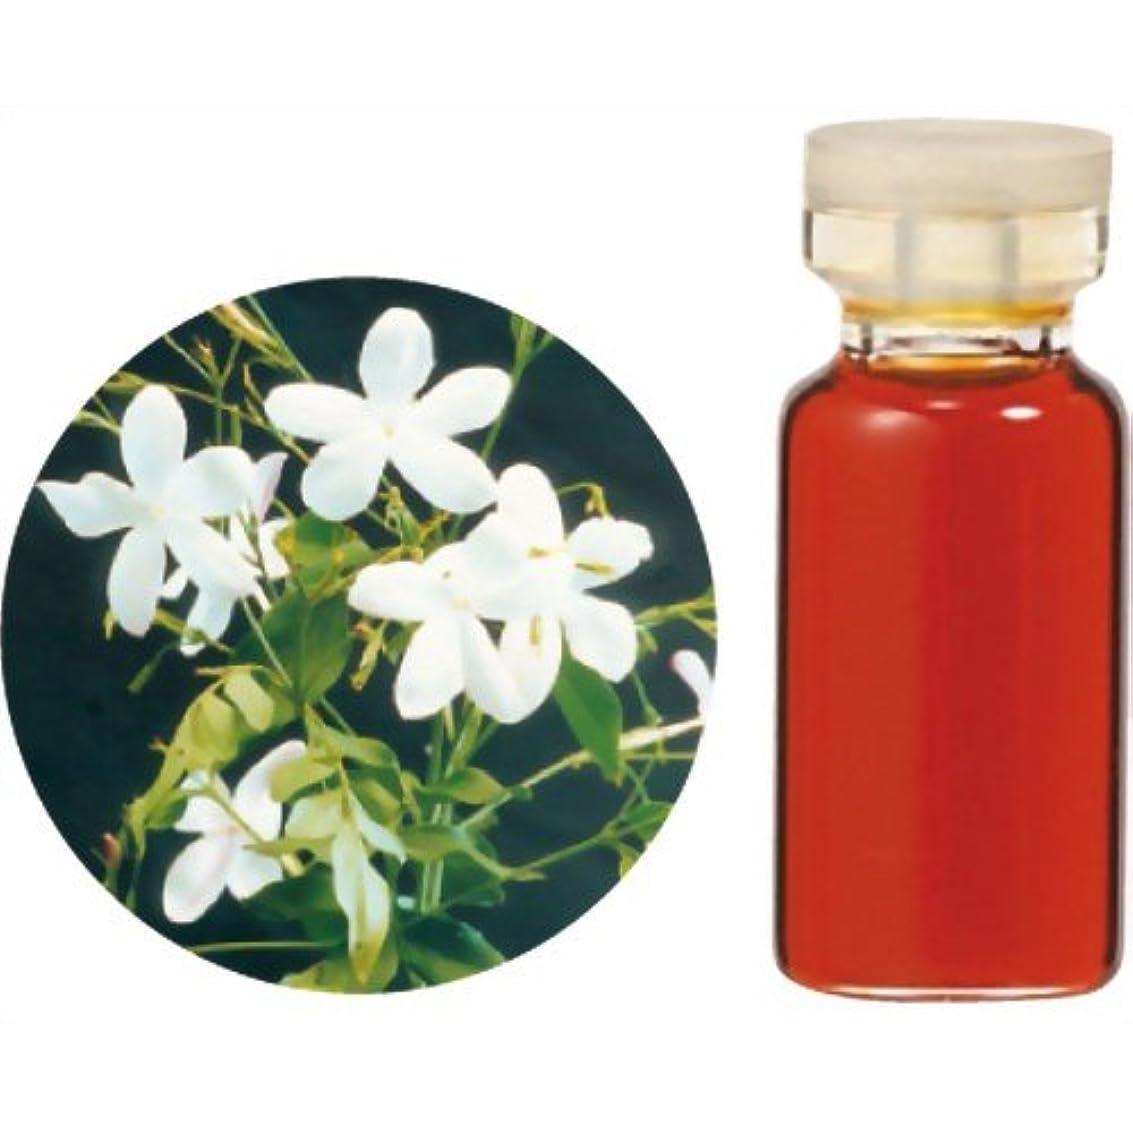 添加デイジーノイズ生活の木 C 花精油 ジャスミン アブソリュート エッセンシャルオイル 3ml